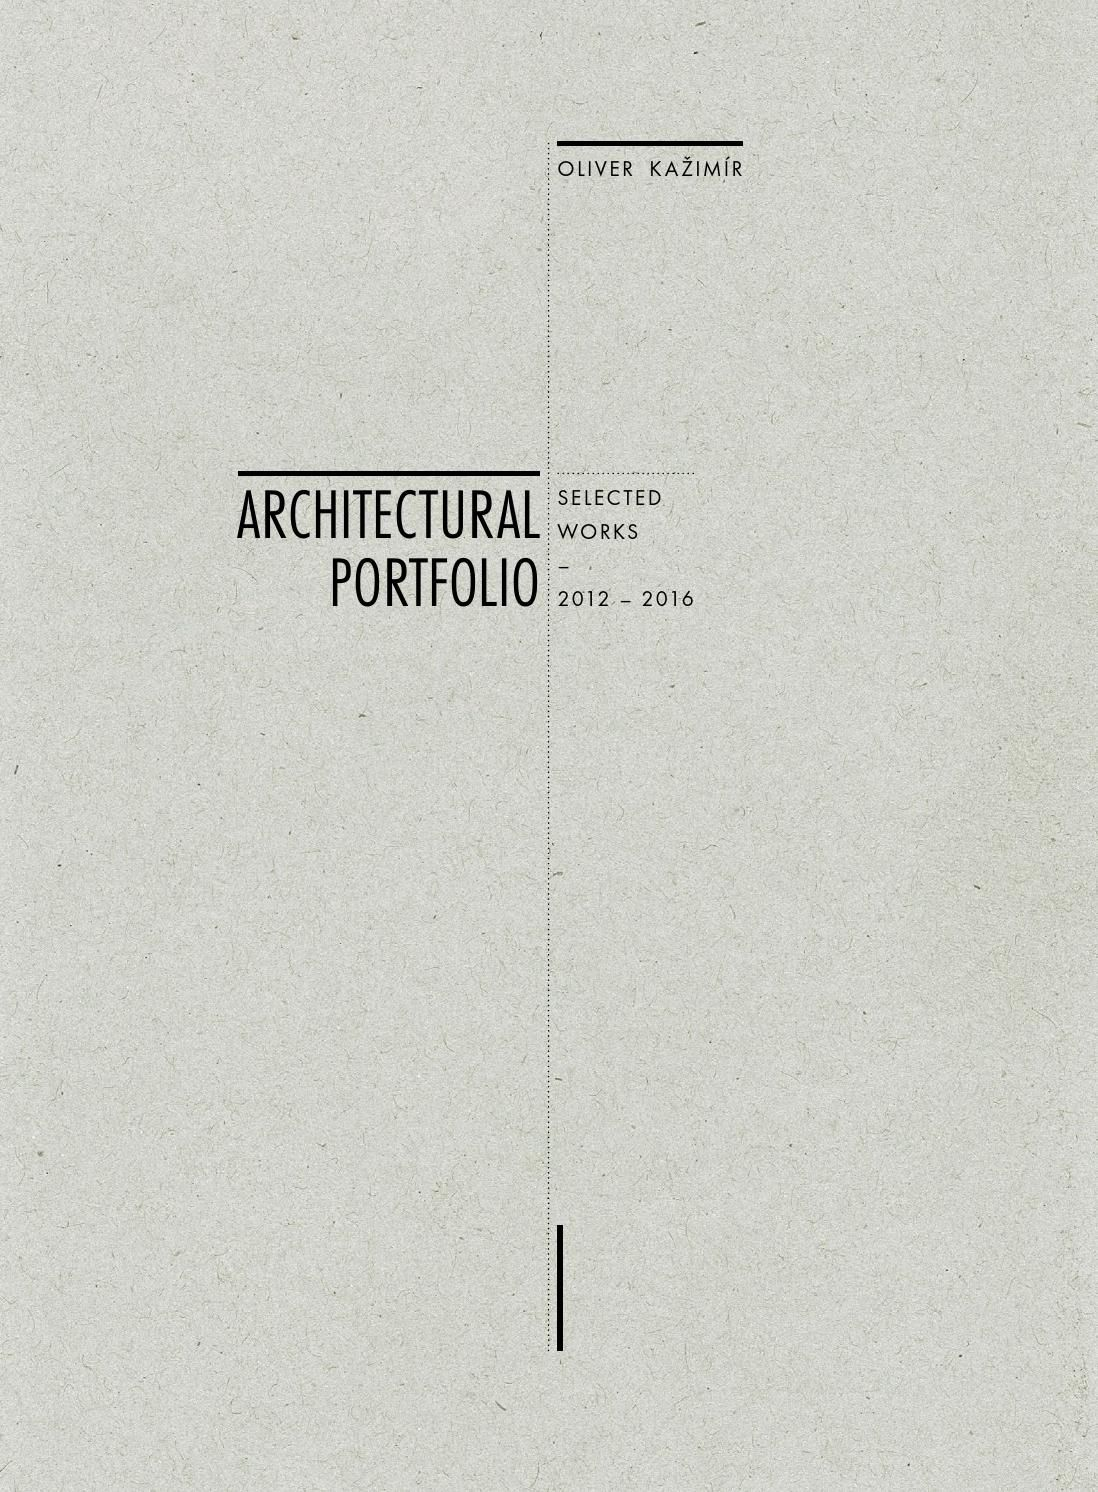 Oliver Kažimír Architectural Portfolio 2016 By Oliver Kažimír   Issuu